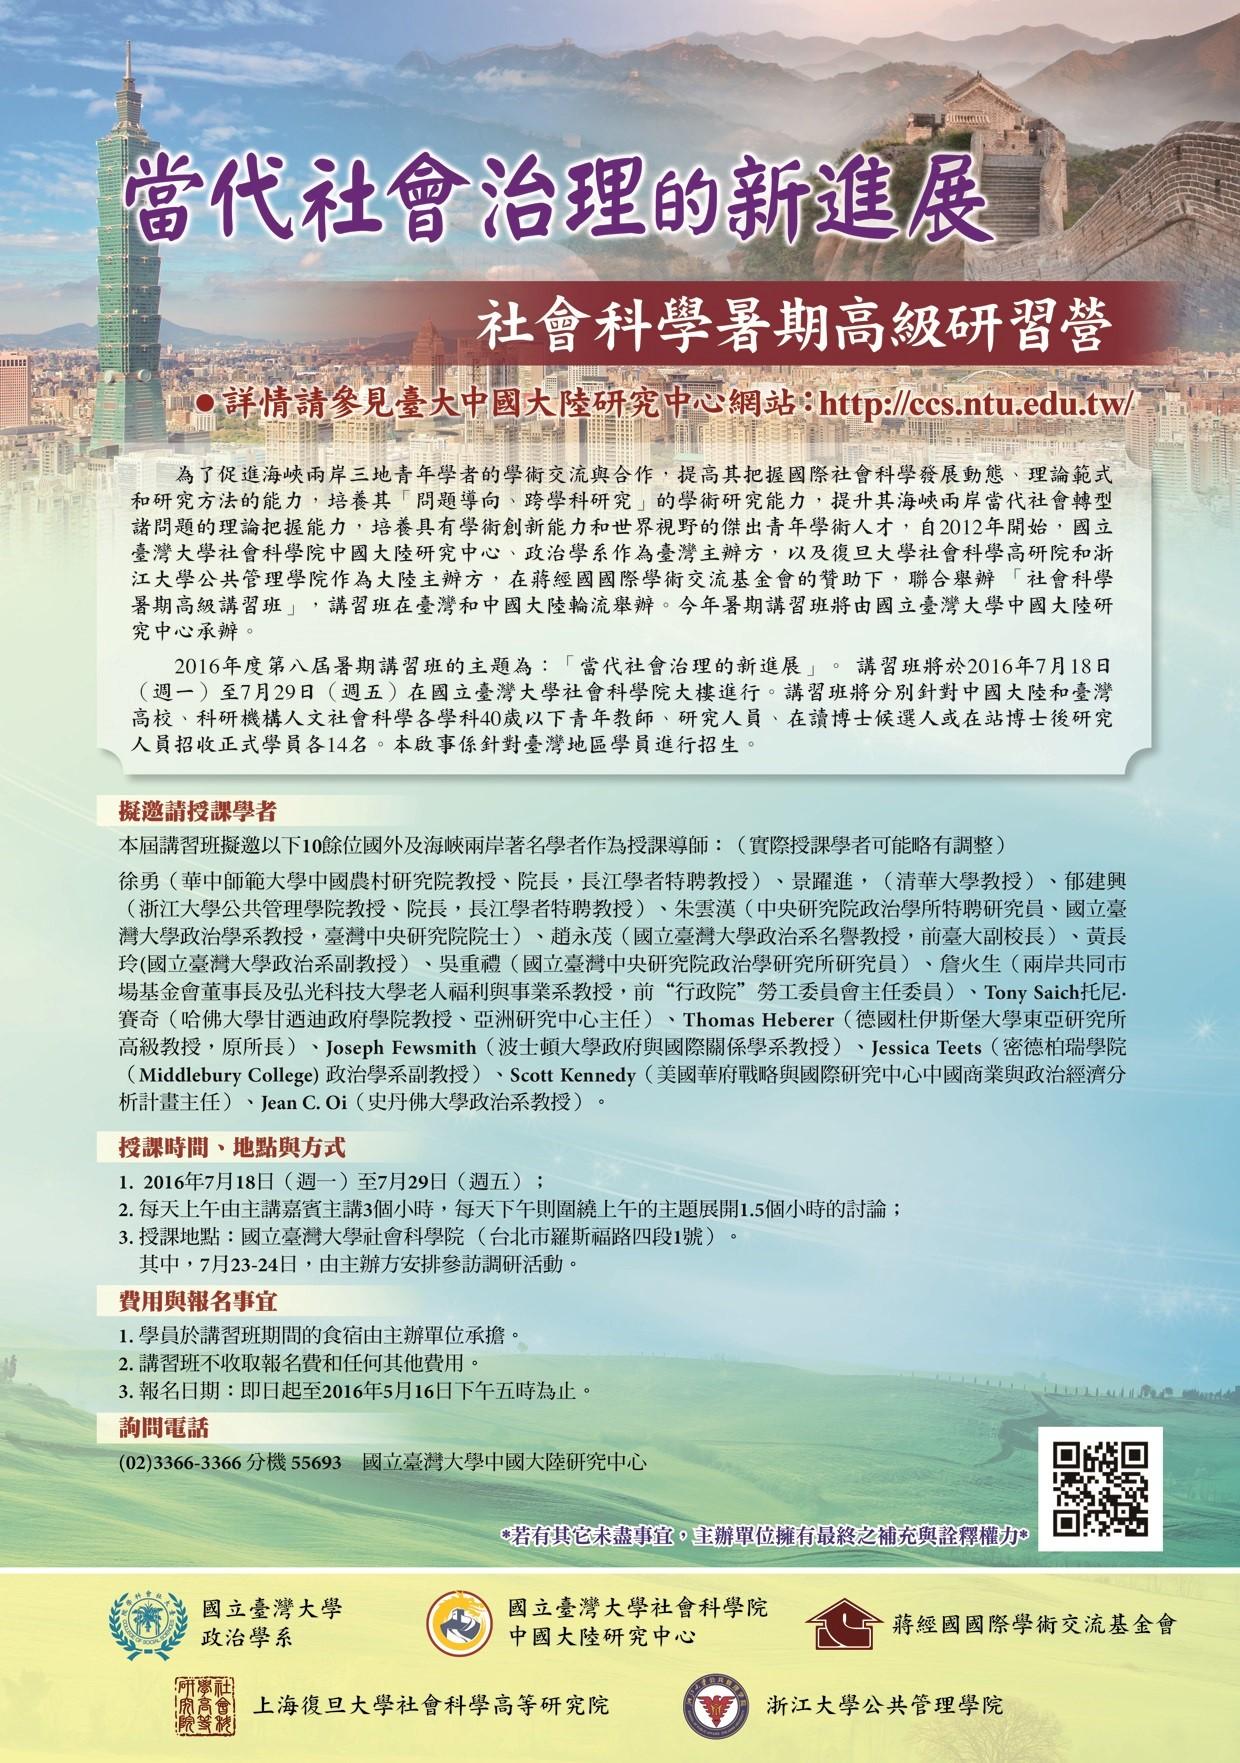 全球化與在地化下臺海兩岸發展經驗的比較